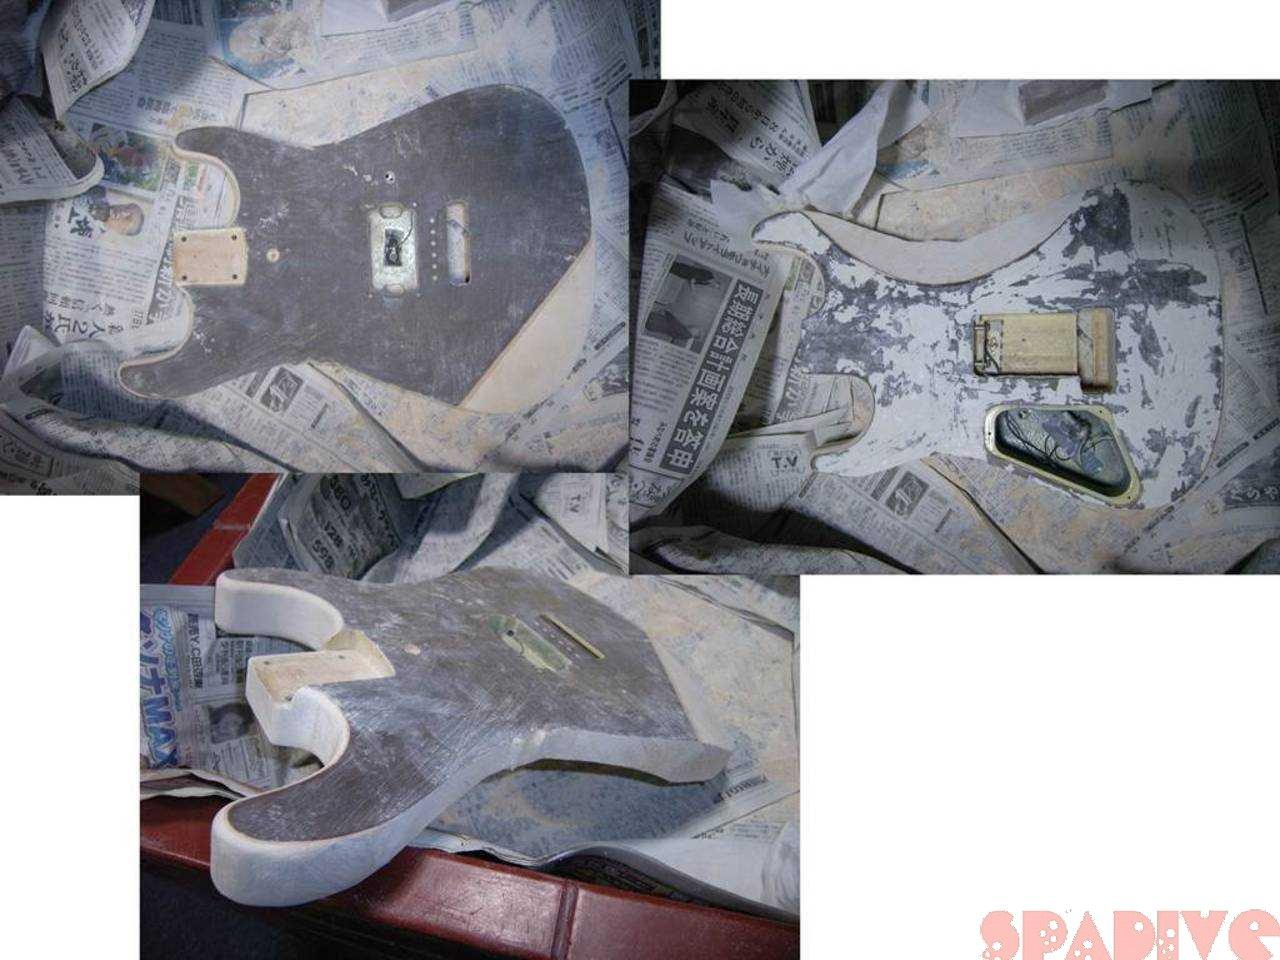 シャーベル/CHARVELストラトギターのボディー改造その2|2/27/2007